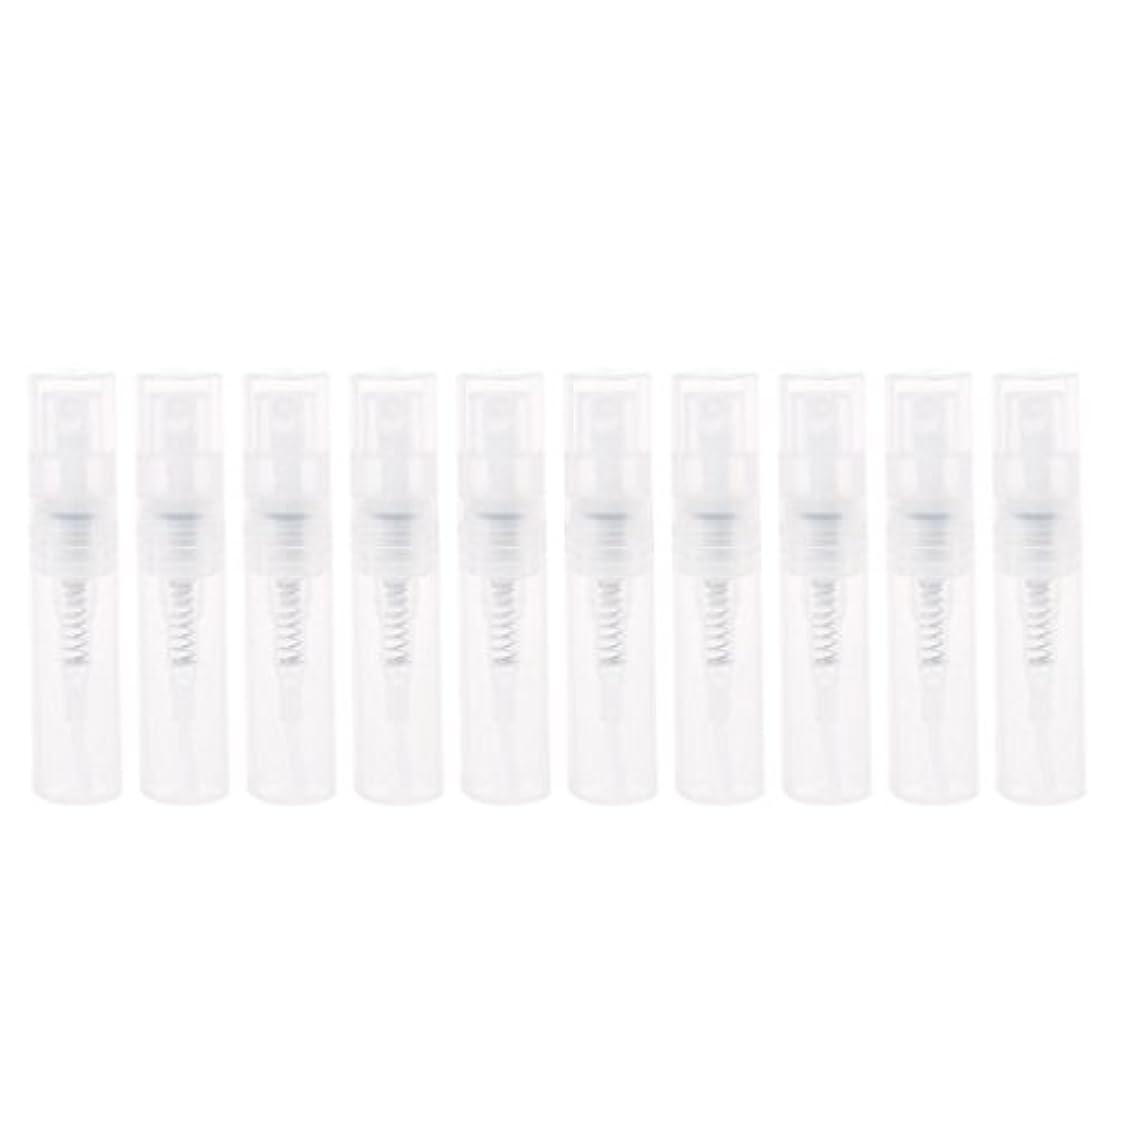 必要スイス人パスDabixx 2ml小さいプラスチック香水スプレーの空のびんの化粧品の容器のスプレーボトル